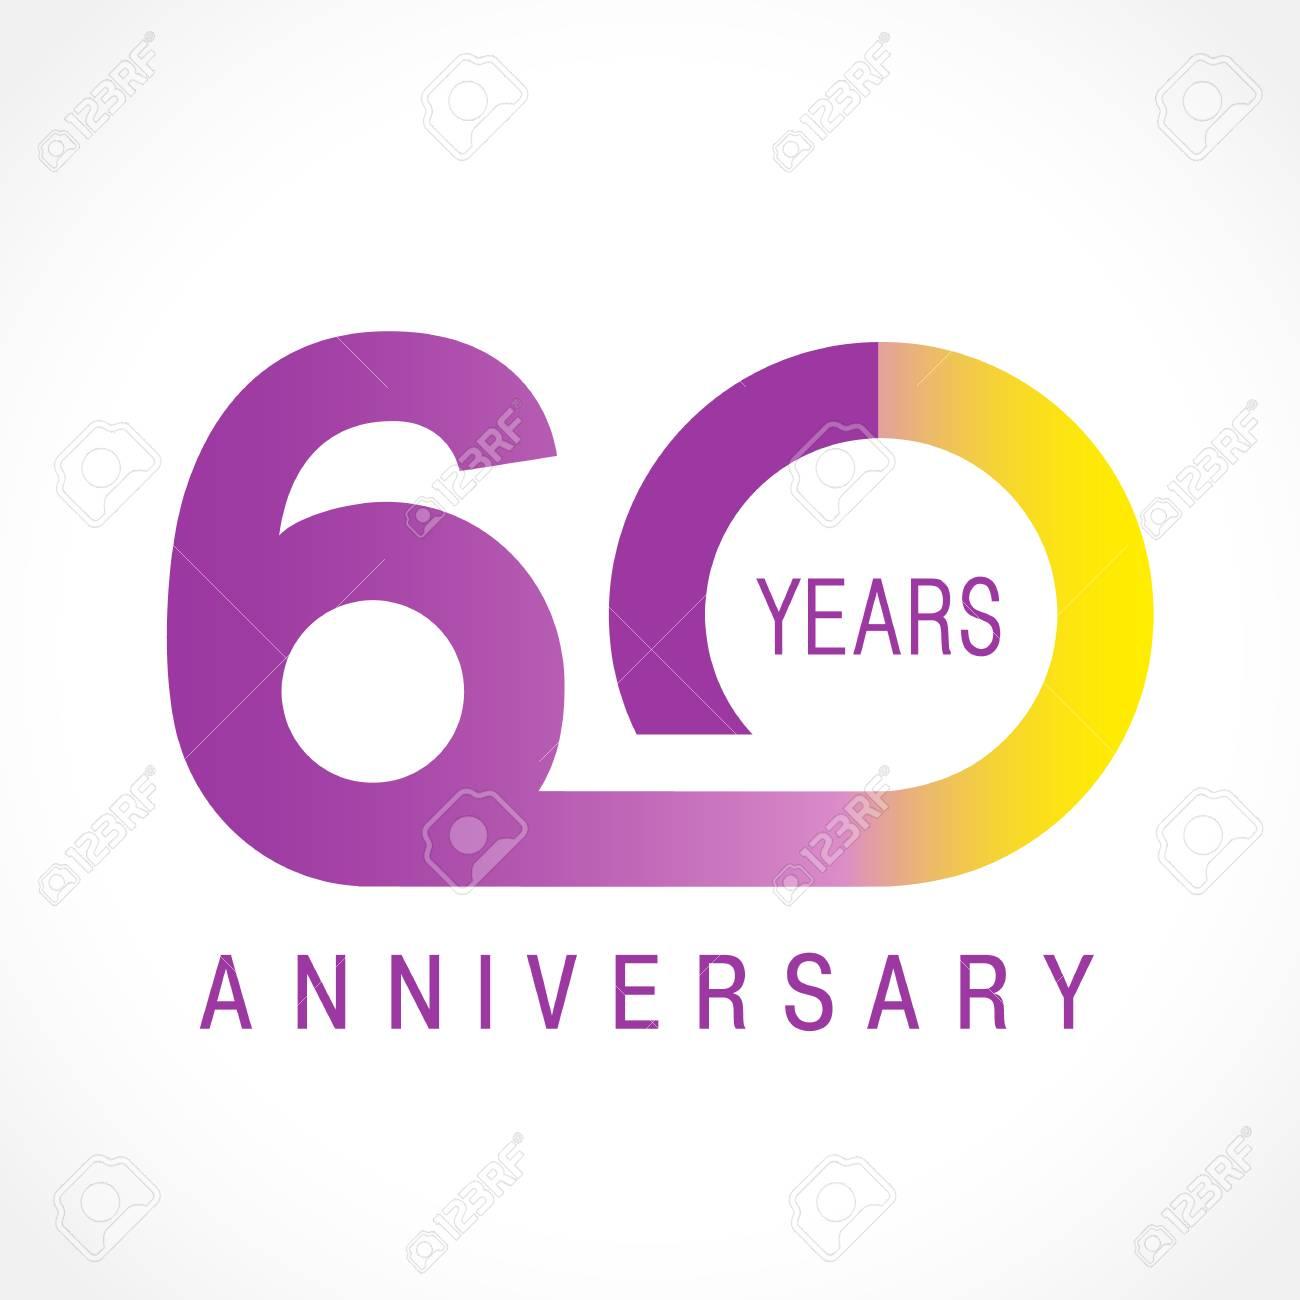 60 Anni Celebra Il Logo Classico Anniversario Colorato 60 Numeri